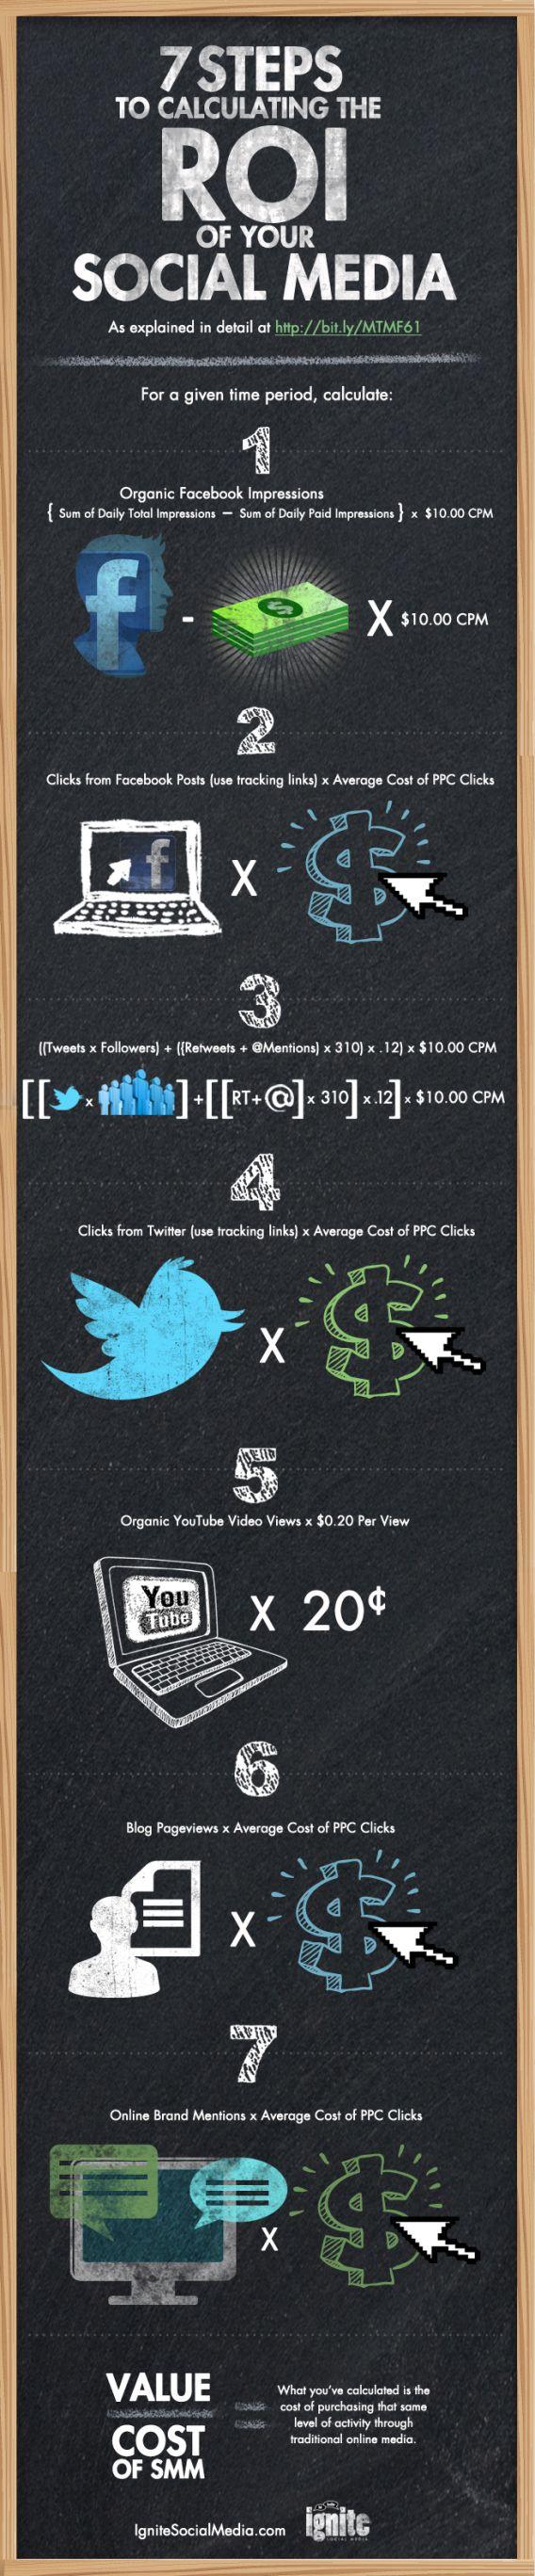 social-media-roi-infographic-ignite-social-media